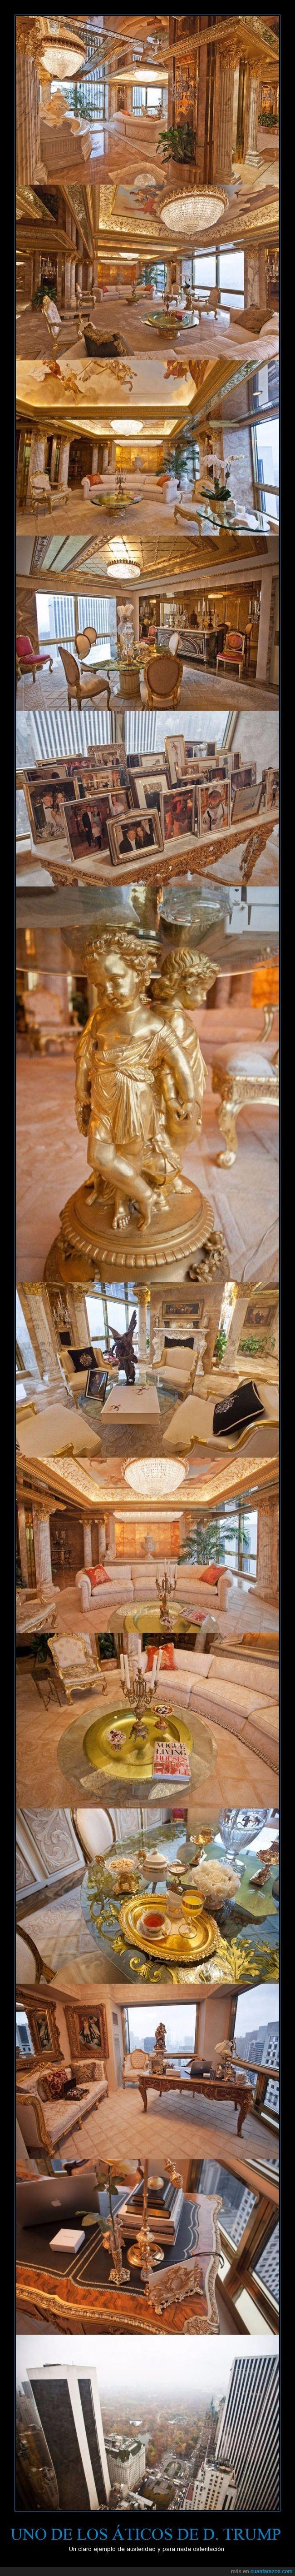 angel,apartamento,atico,barroco,Donald Trump,oro,piso